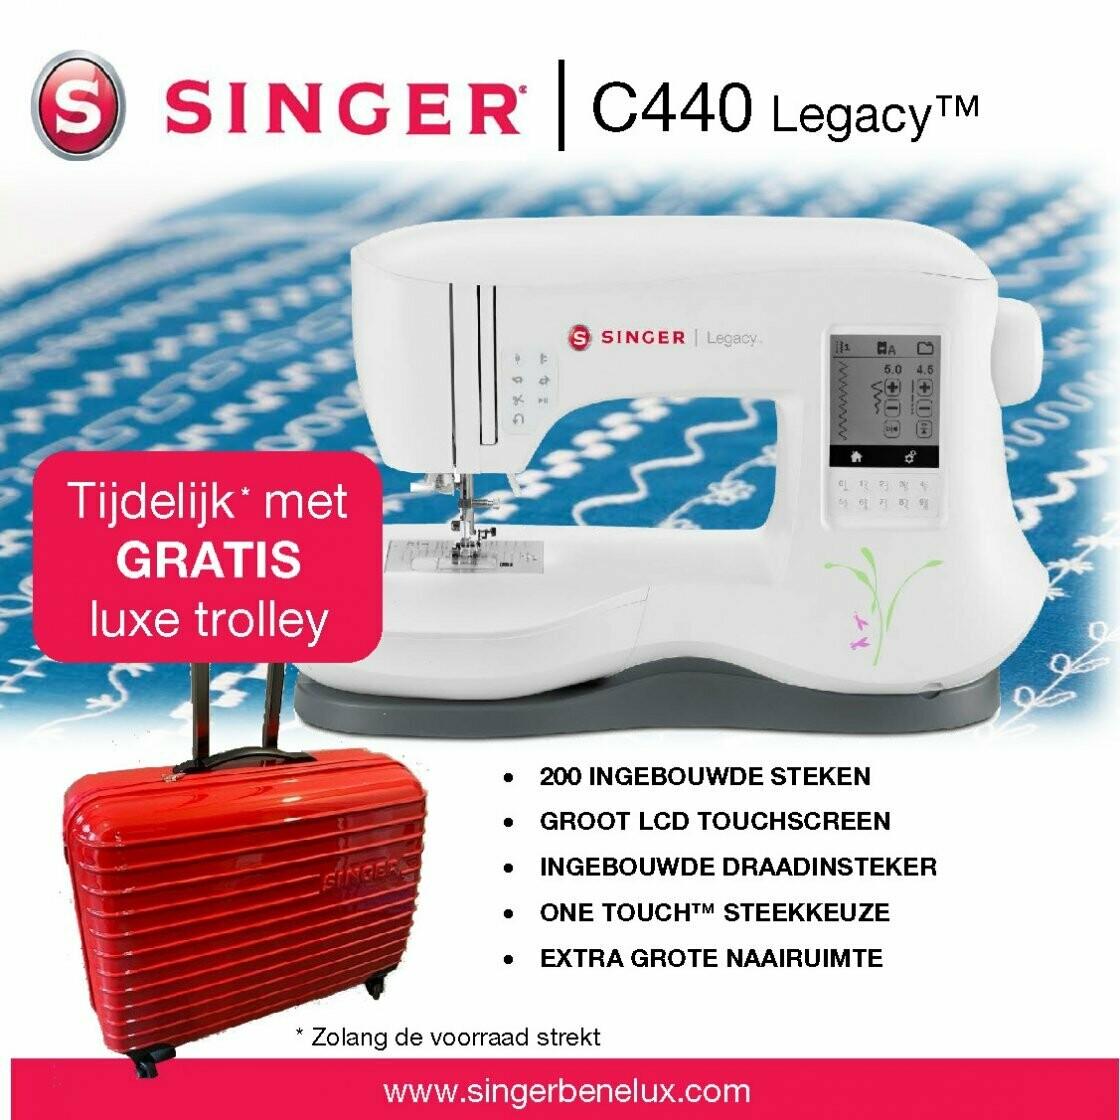 Singer Legacy C440 met gratis luxetrolley